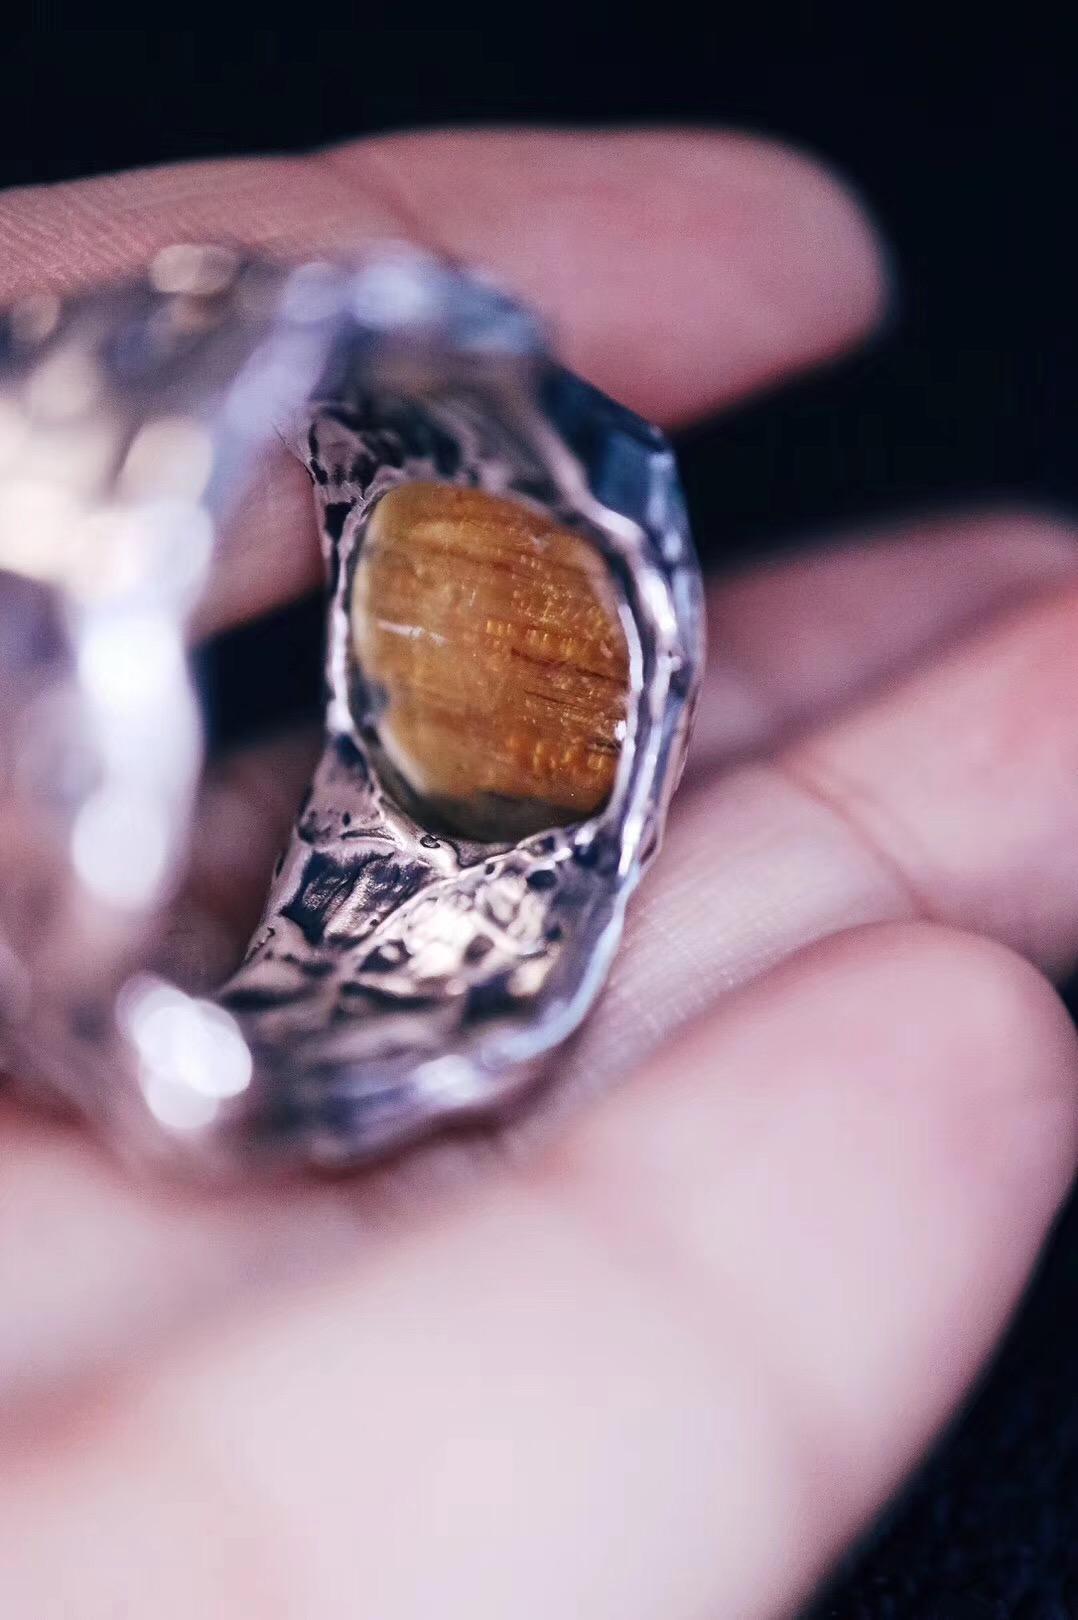 【菩心-收藏款钛晶戒】虽千变万化,而主宰常定,人得此而生-菩心晶舍